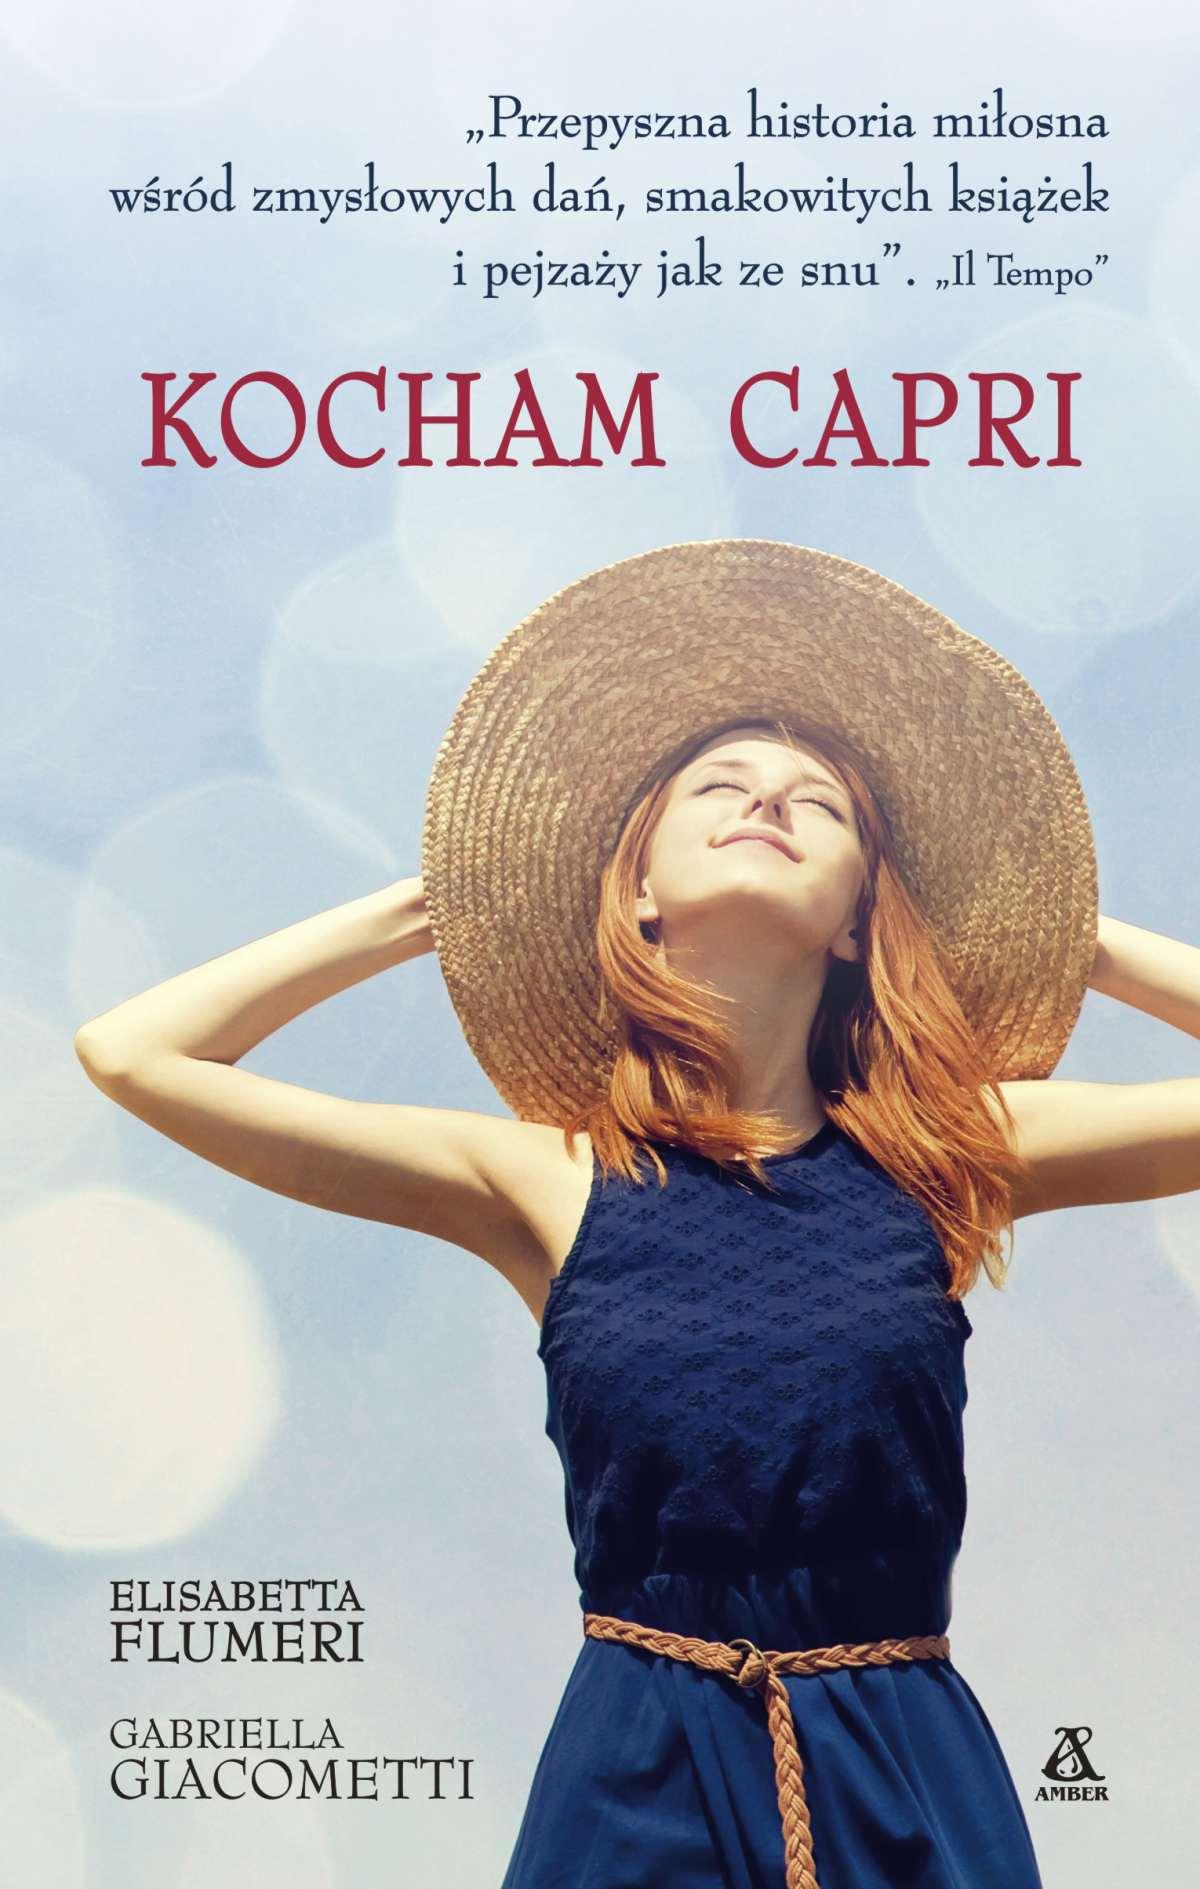 Kocham Capri - Ebook (Książka EPUB) do pobrania w formacie EPUB